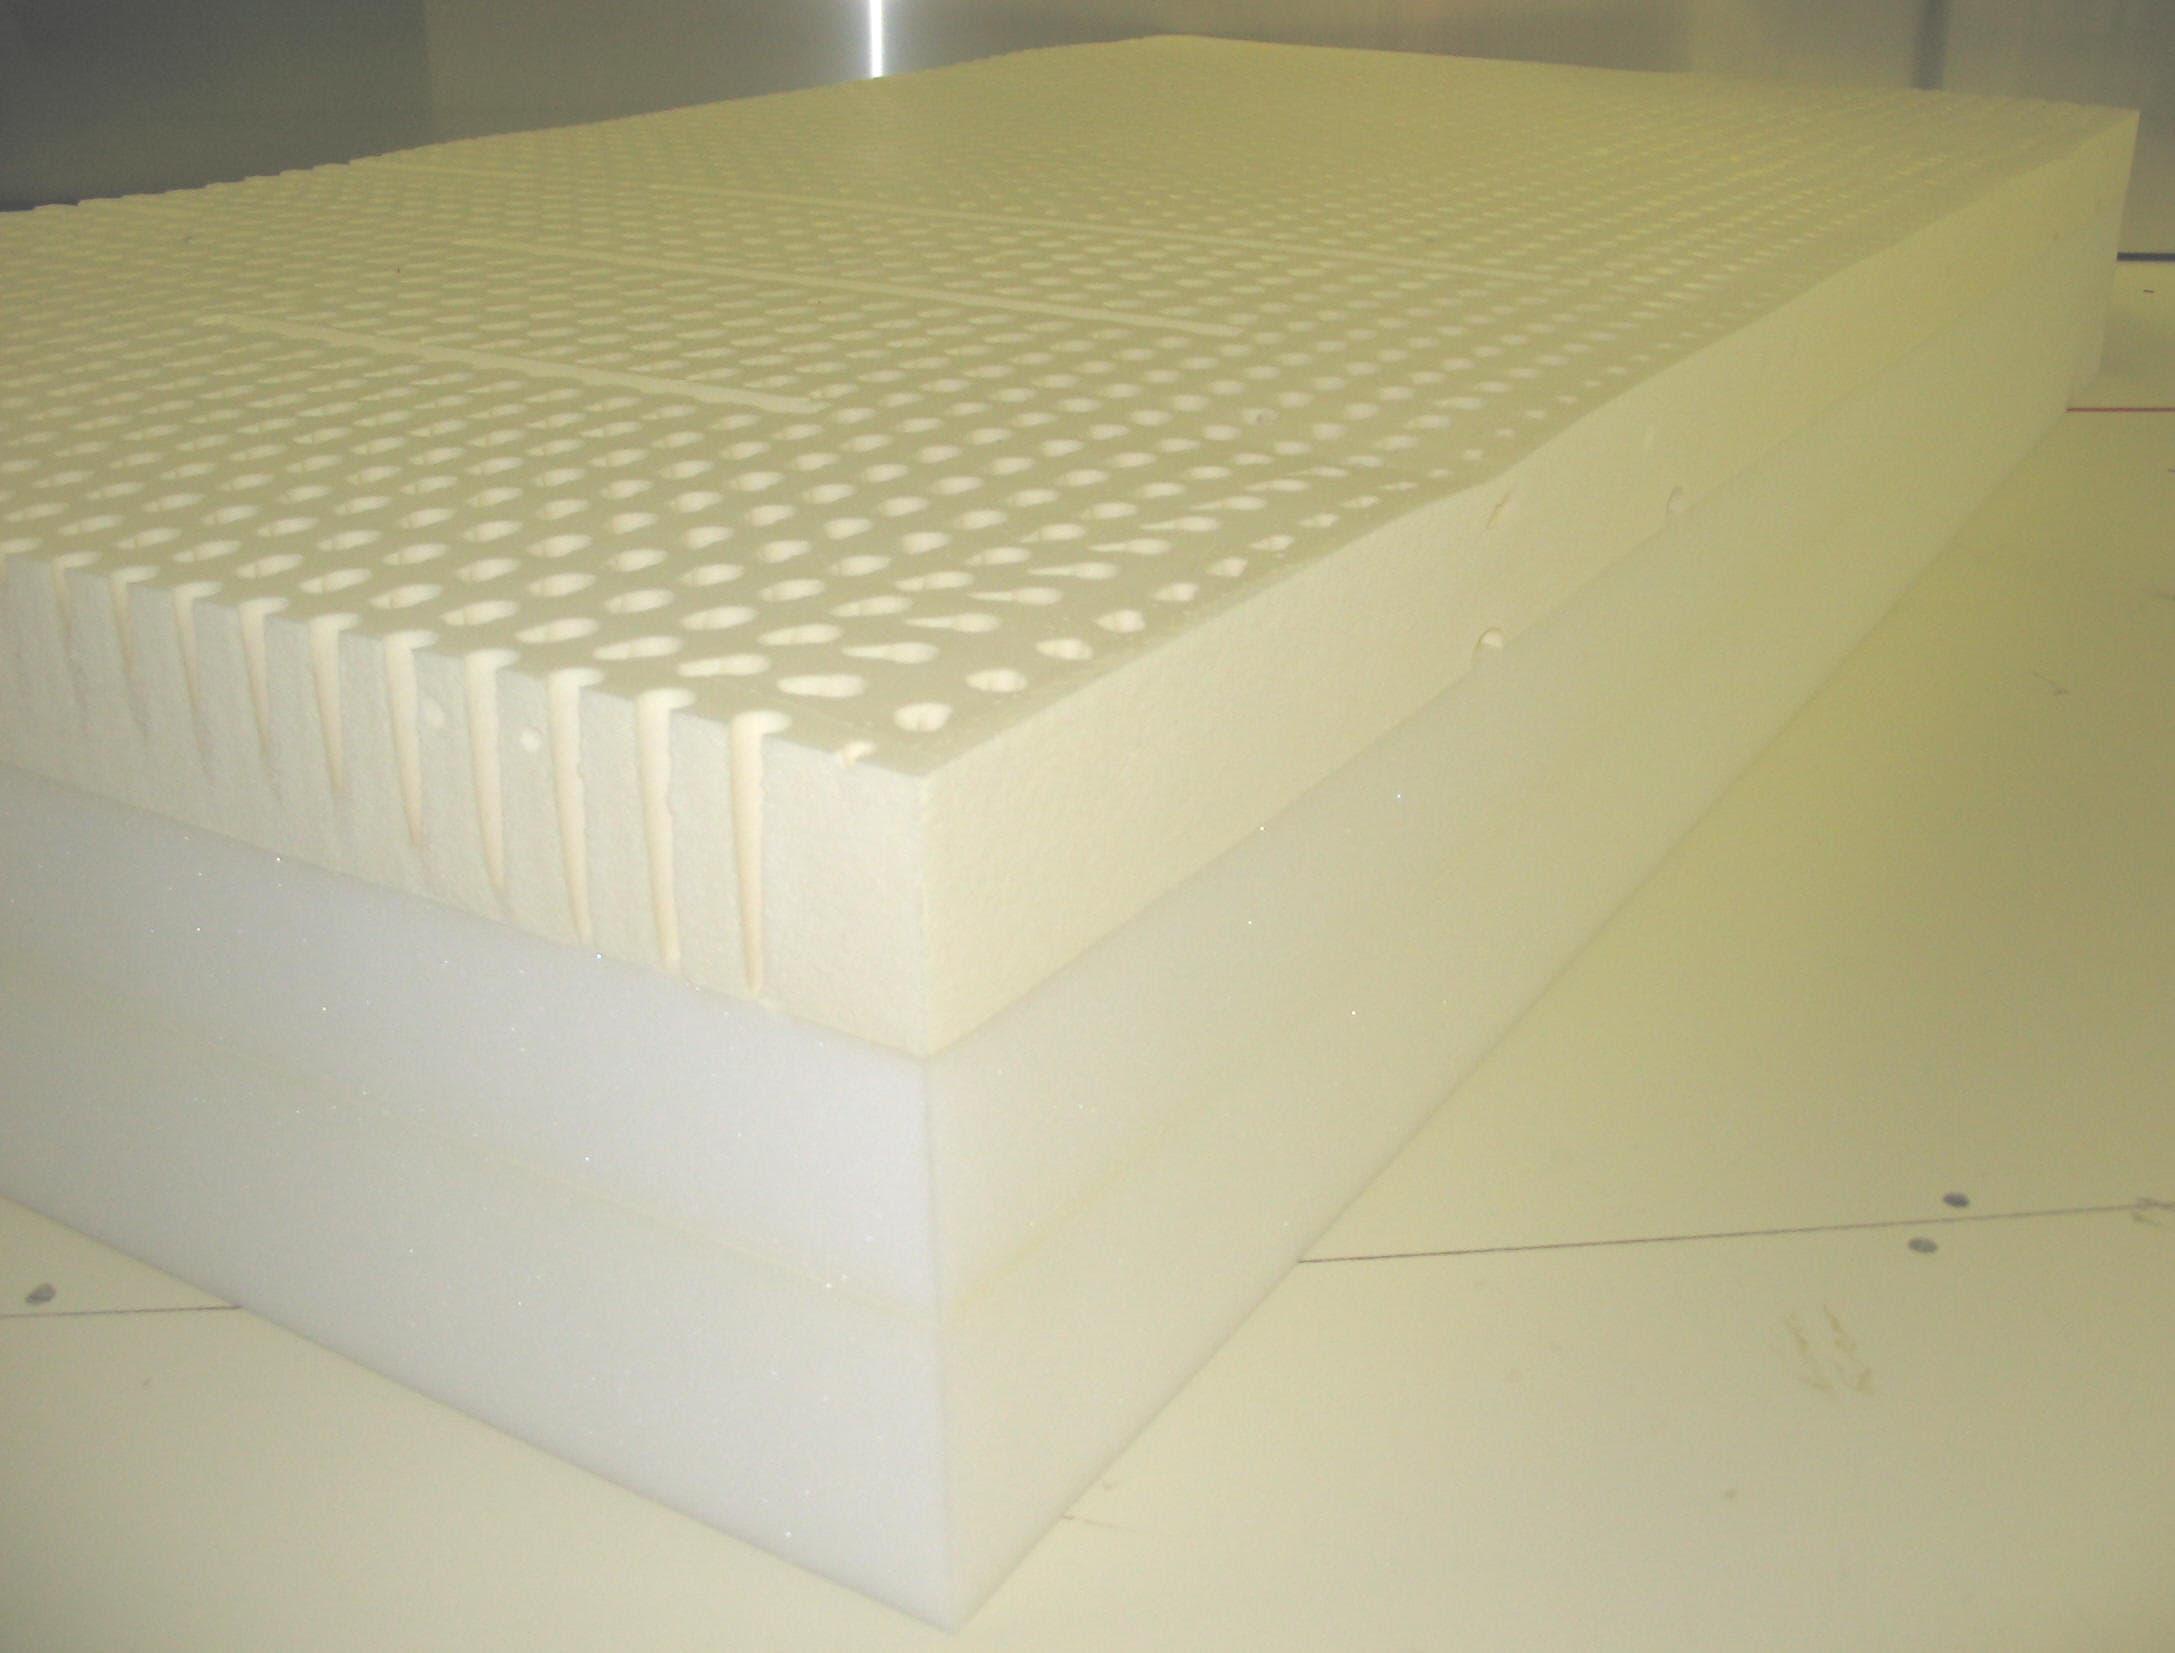 Distinctive Custom Cut Sofa Cushion Foam Mattress How To Cut Foam Pipe Insulation How To Cut Foam Case houzz 01 How To Cut Foam